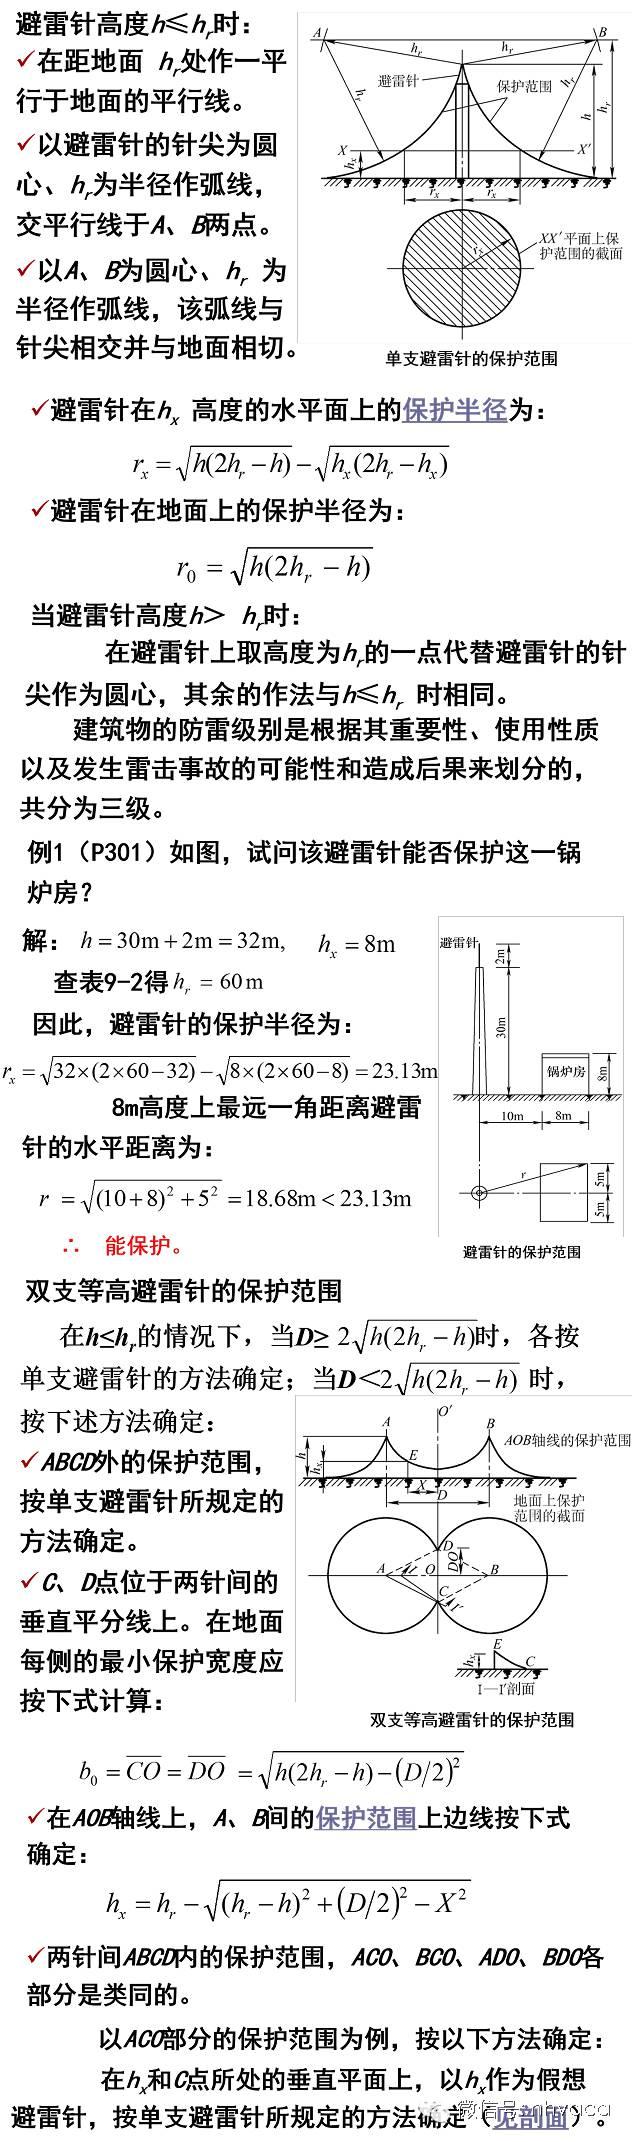 防雷接地系统与在建筑工程上的应用_4